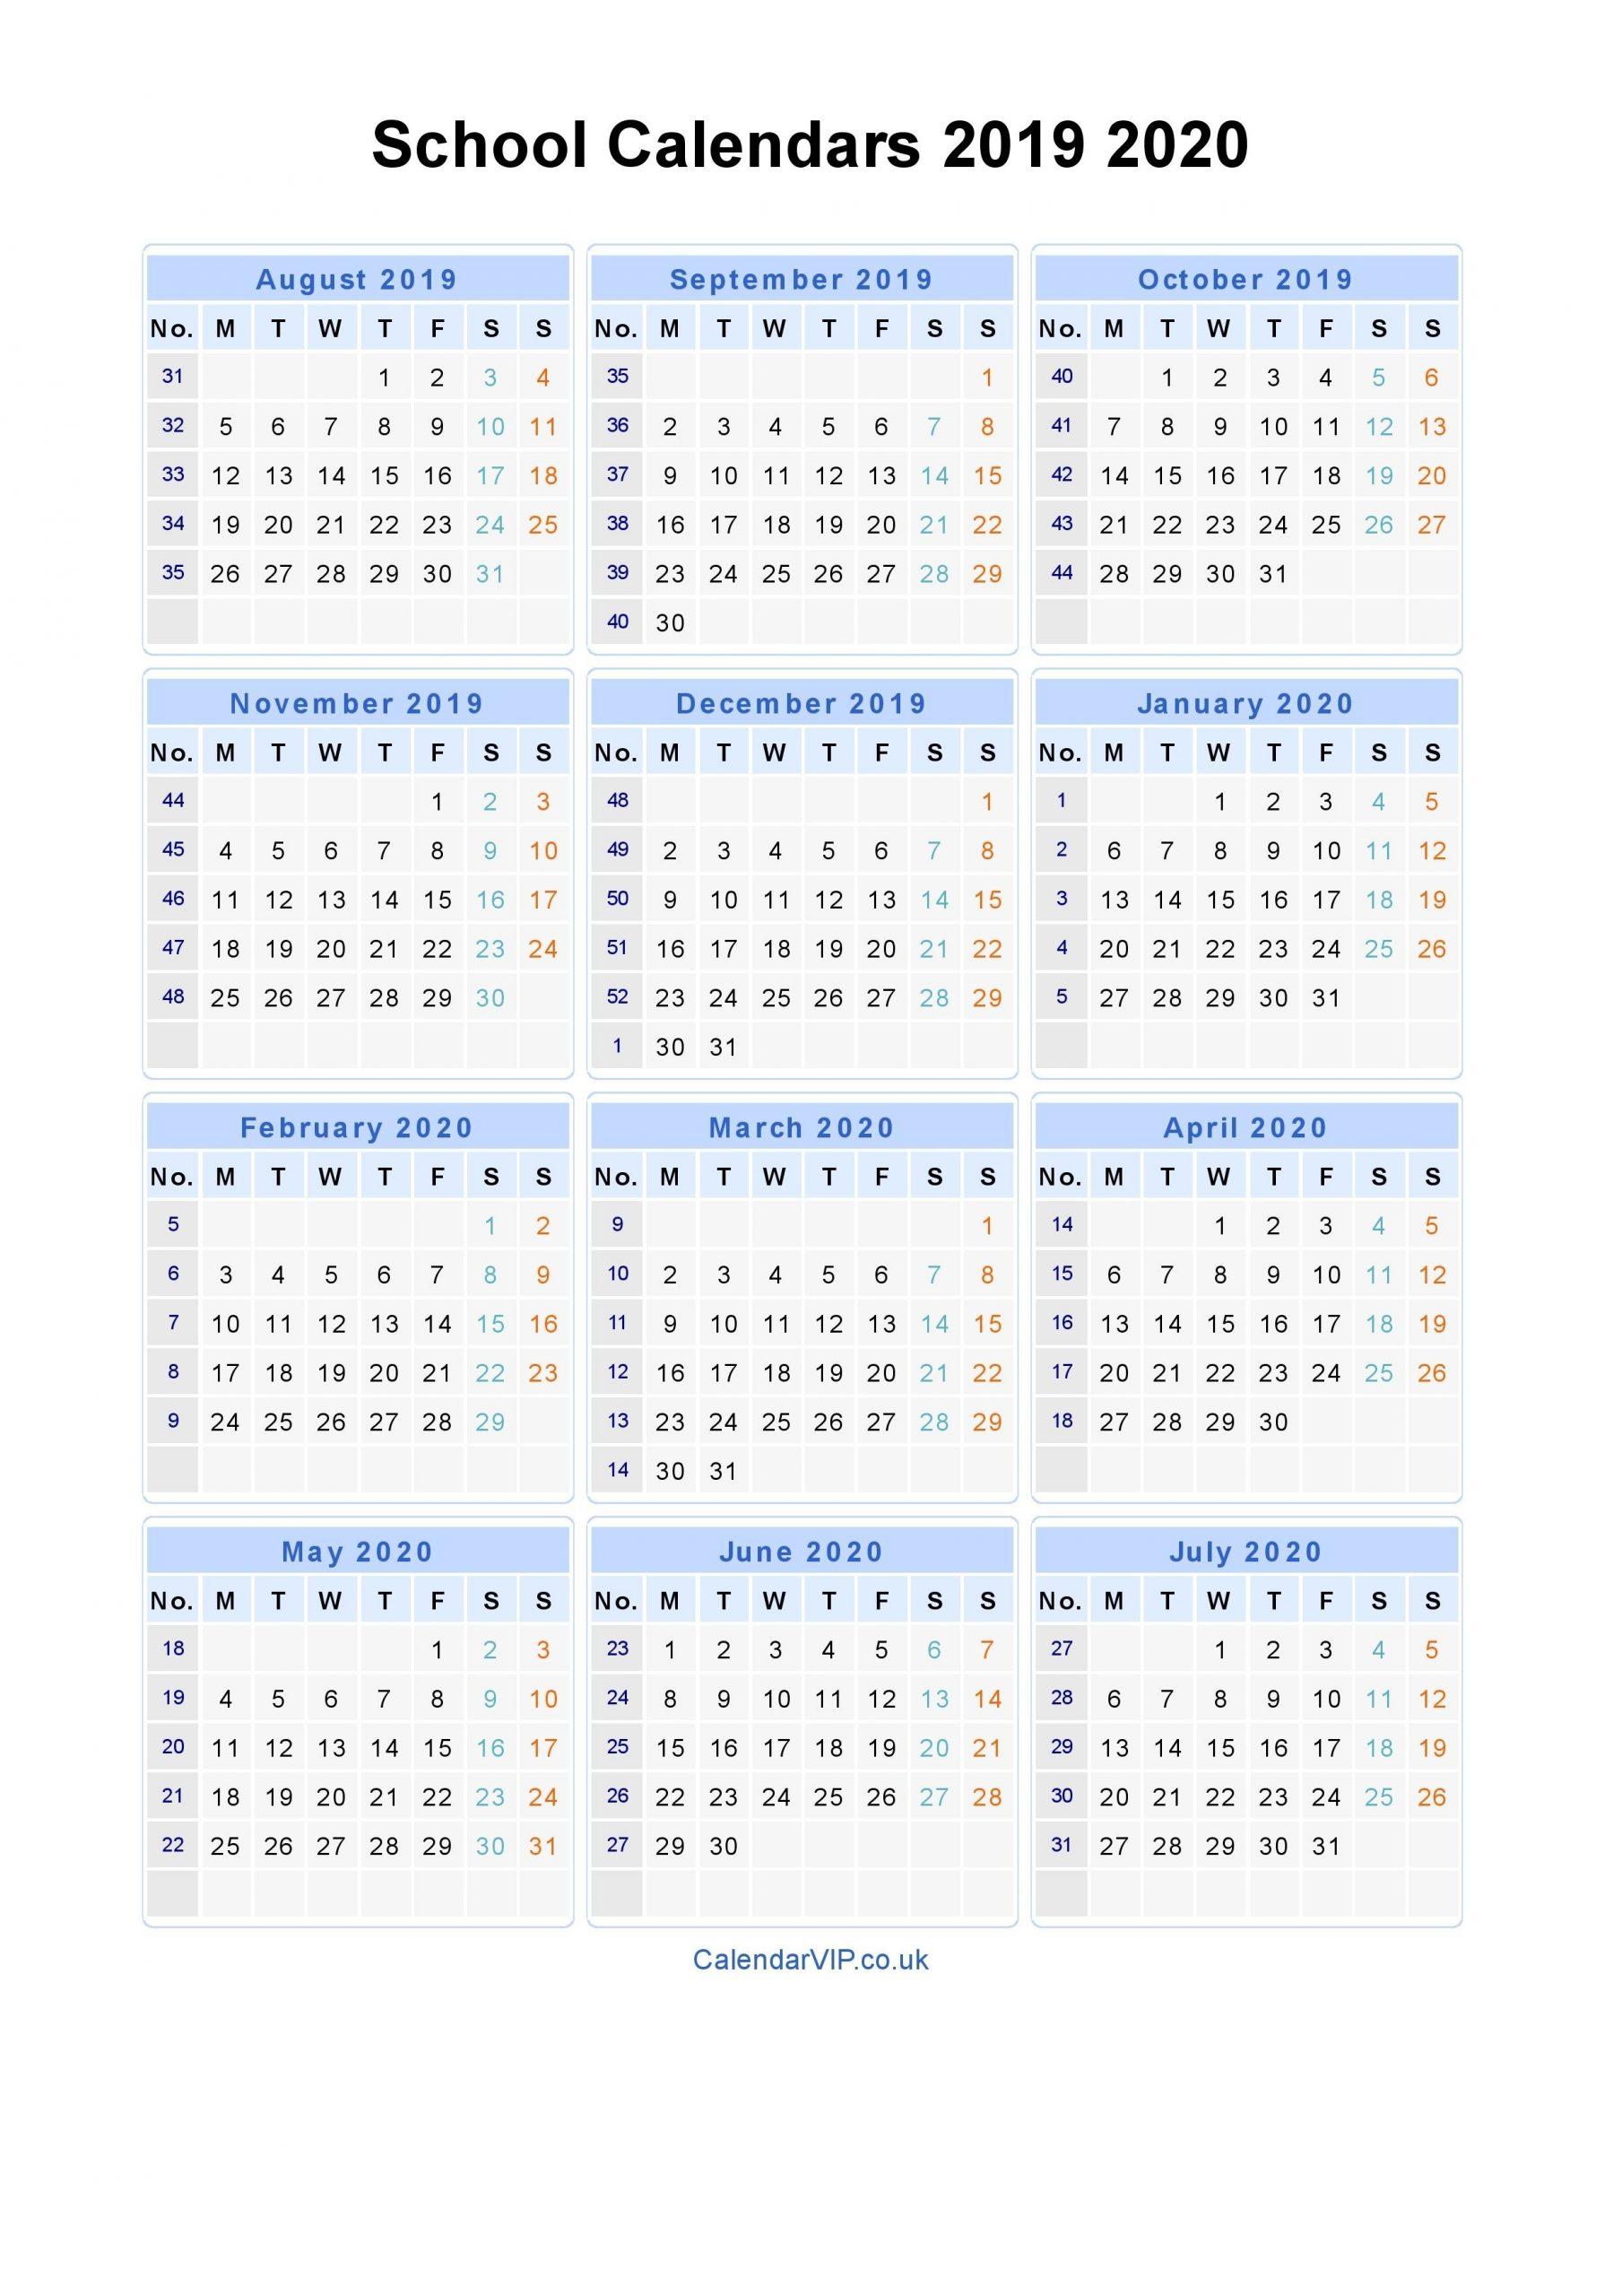 School Calendars 2019 2020 - Calendar From August 2019 To